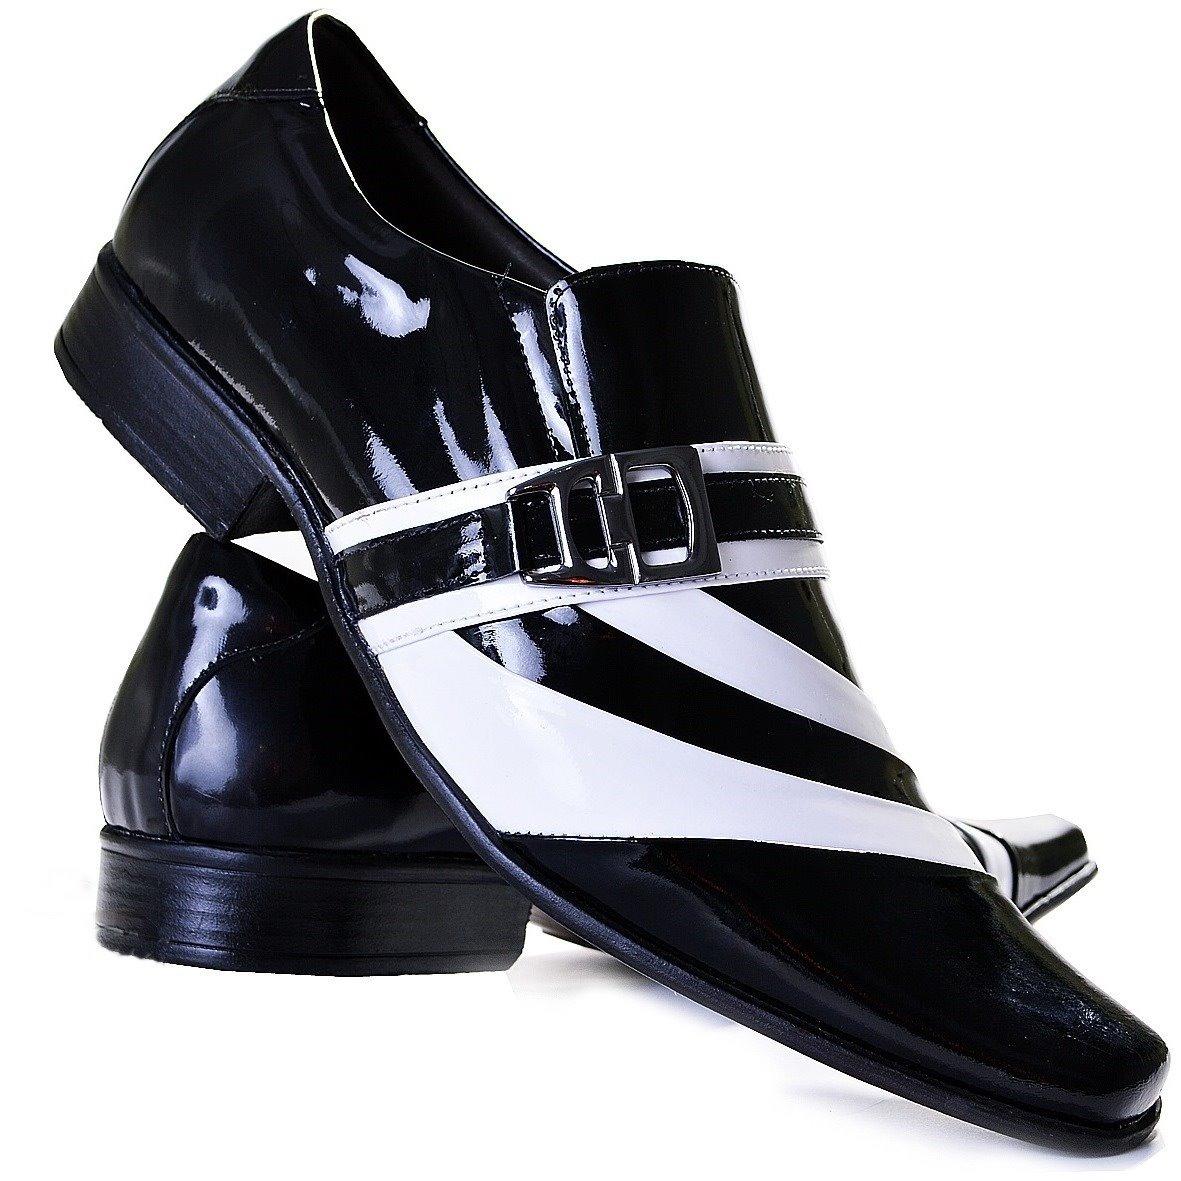 9ab651fb0 sapato social de verniz preto com branco - gofer ref. 0632. Carregando zoom.